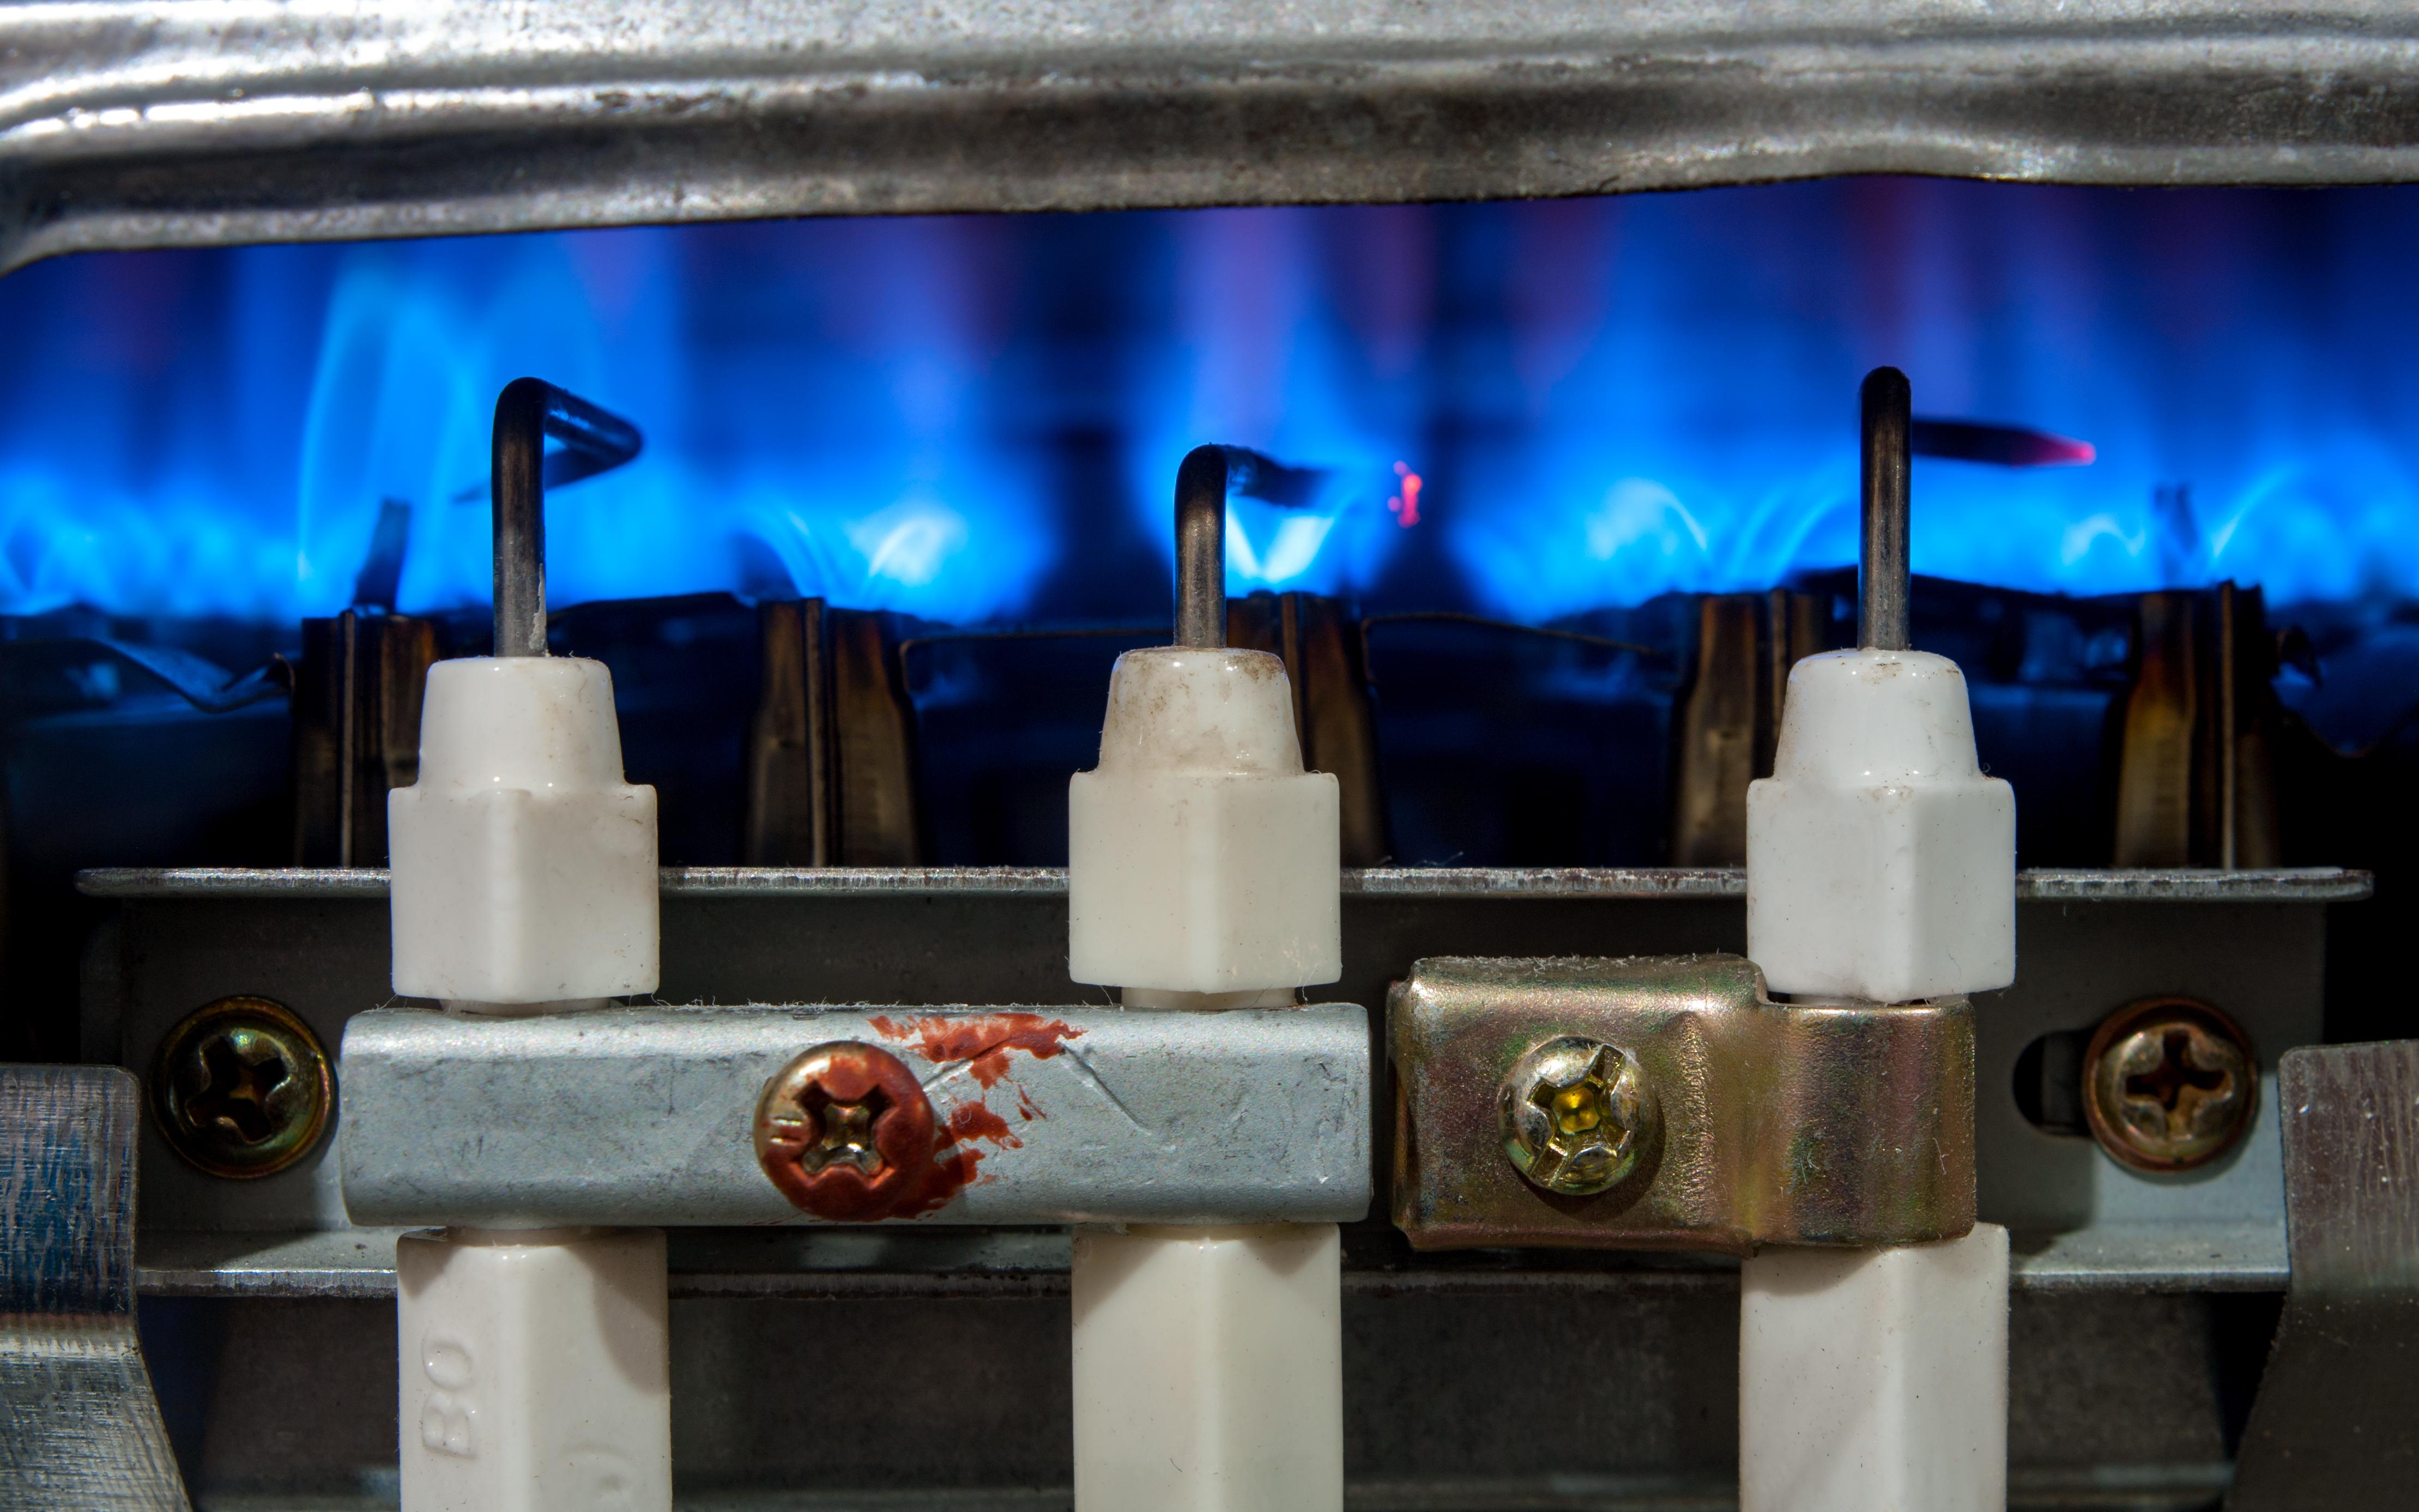 Kocioł gazowy – sposób na zanieczyszczone powietrze